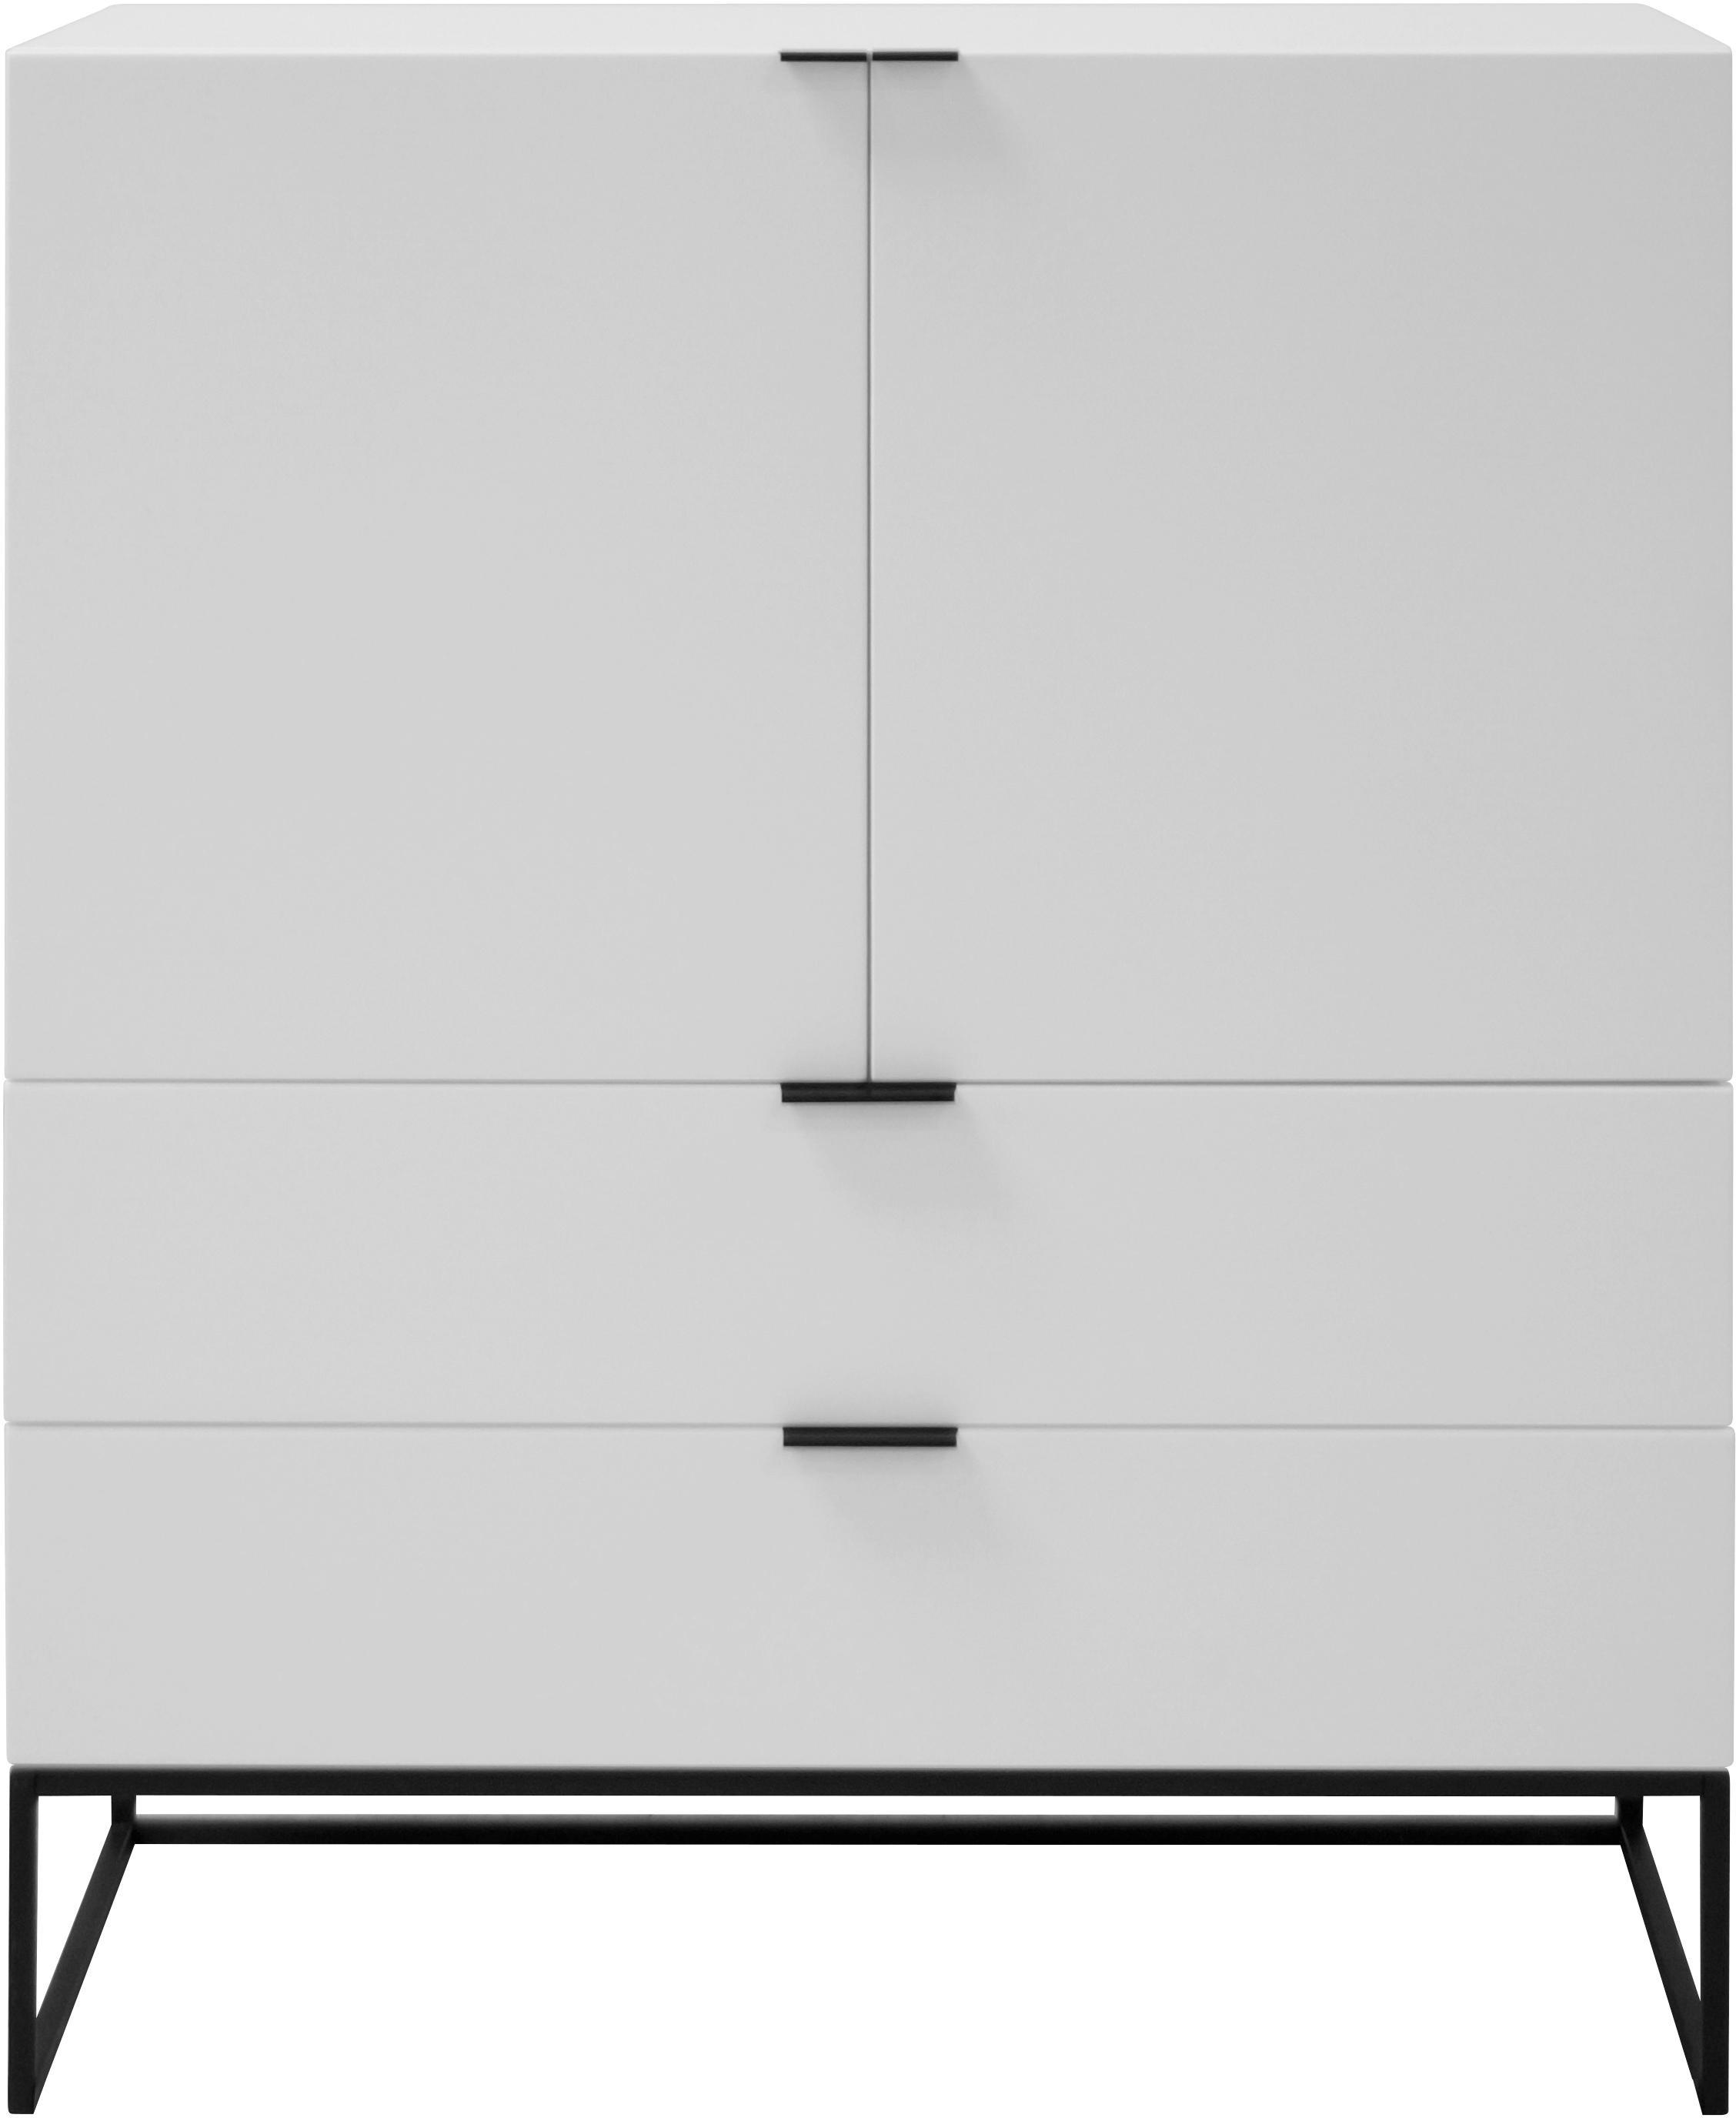 Vysoká skříňka se zásuvkami Kobe, Konstrukce: matná bílá Rám aúchyty: matná černá